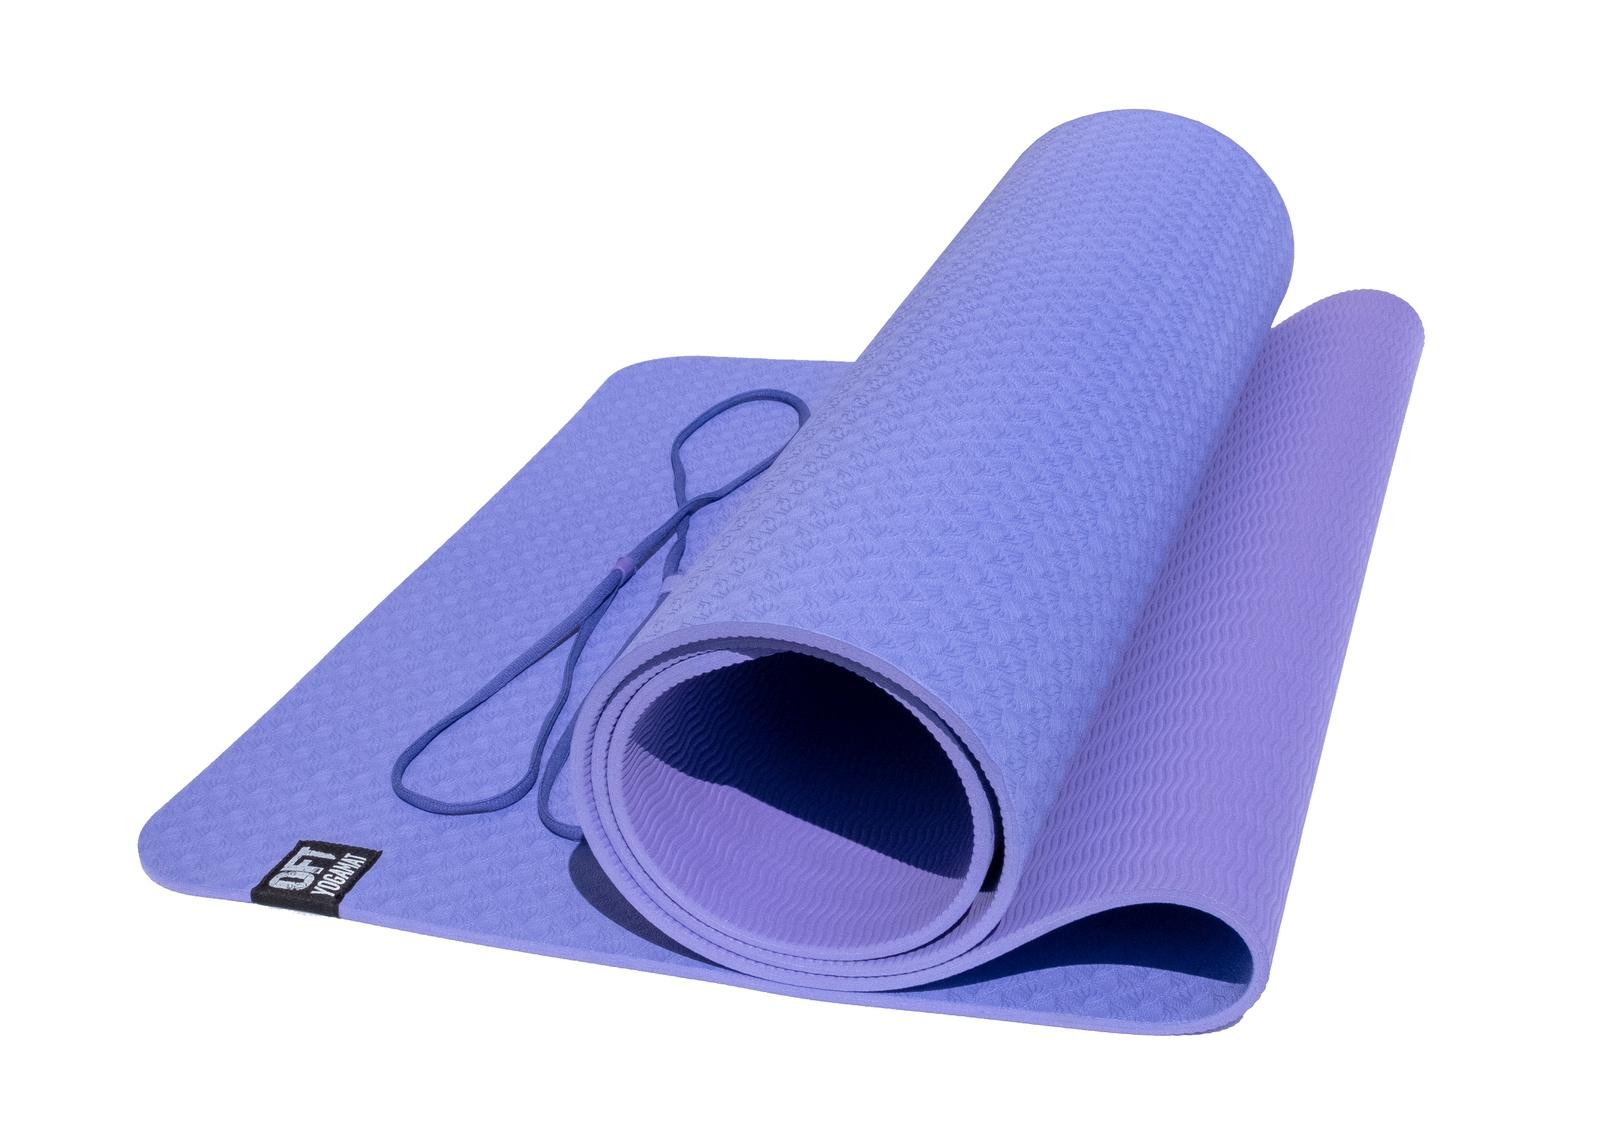 Коврик для йоги и фитнеса Original FitTools FT-YGM6-2TPE, фиолетовый, сиреневый коврик для йоги и фитнеса profi fit 6 мм стандарт серый